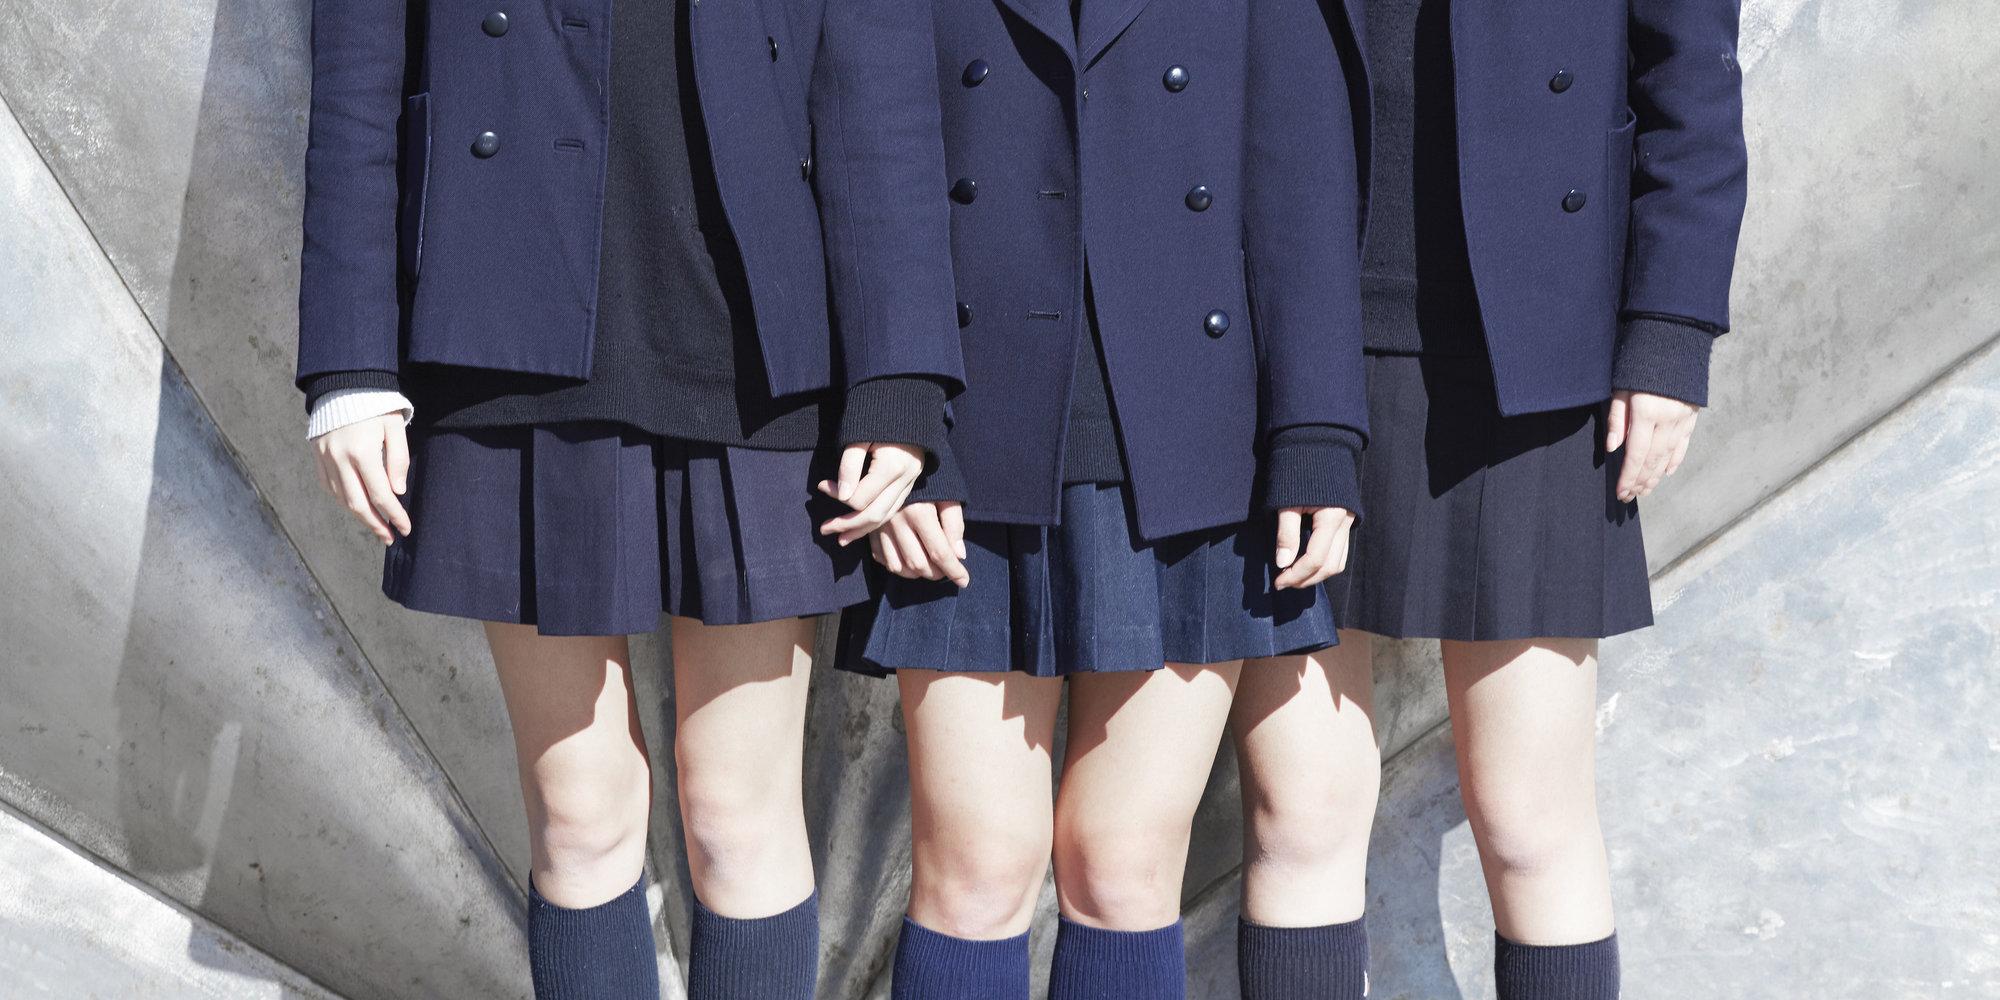 Девушка, прикройтесь: Реальная причина дресс-кода для девочек